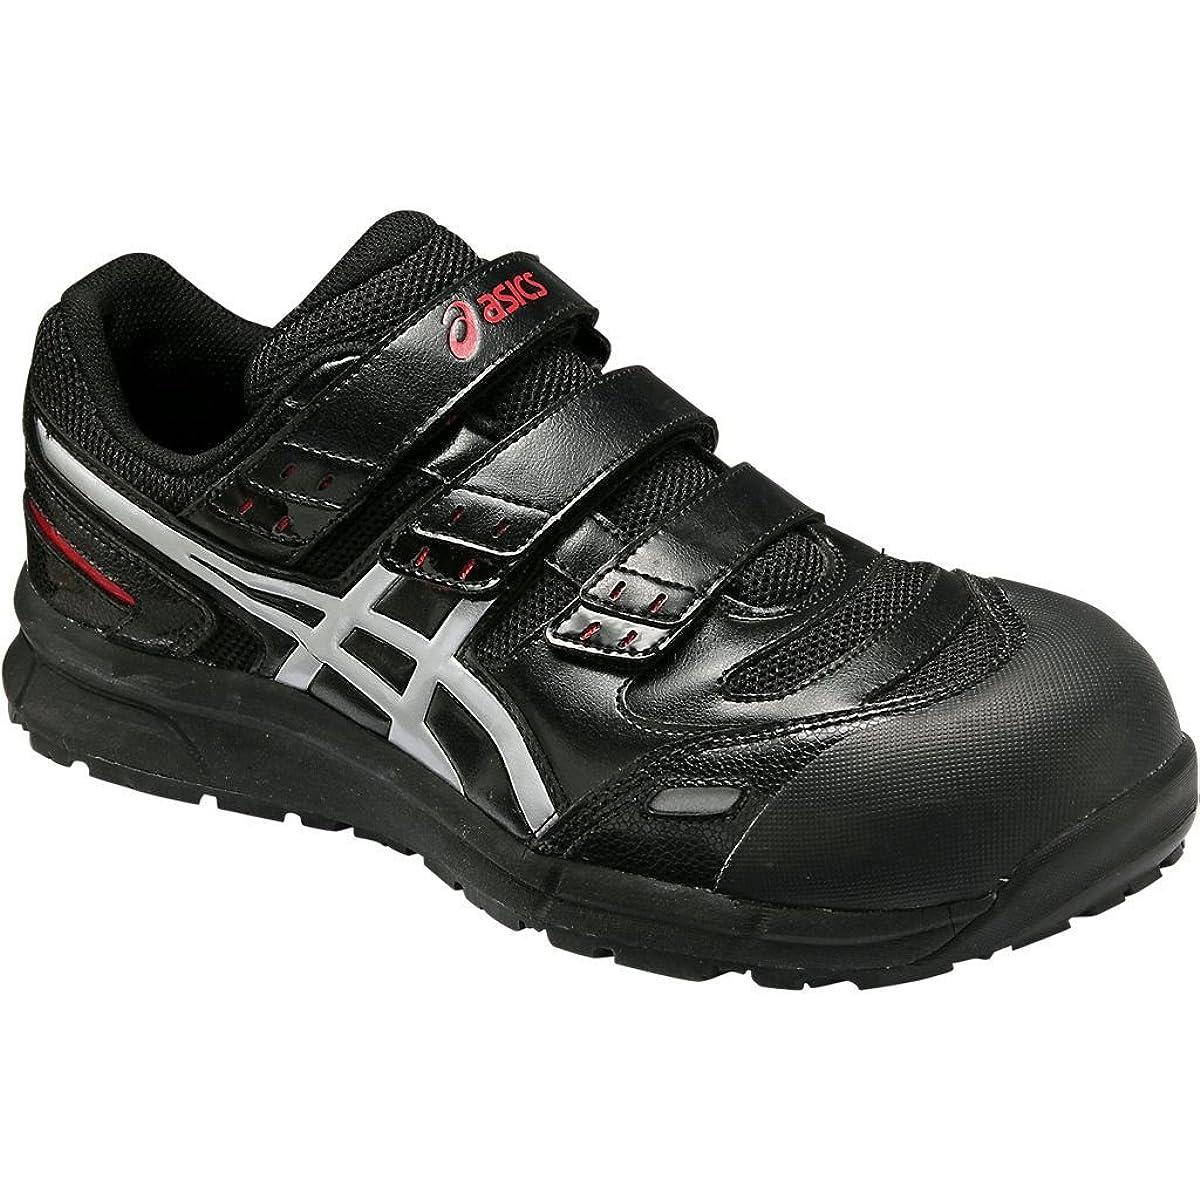 ガラスシンジケート緩む安全靴 ウィンジョブ CP102 作業靴 ベルトタイプ FCP102 ブラック×シルバー(9093) 26.0